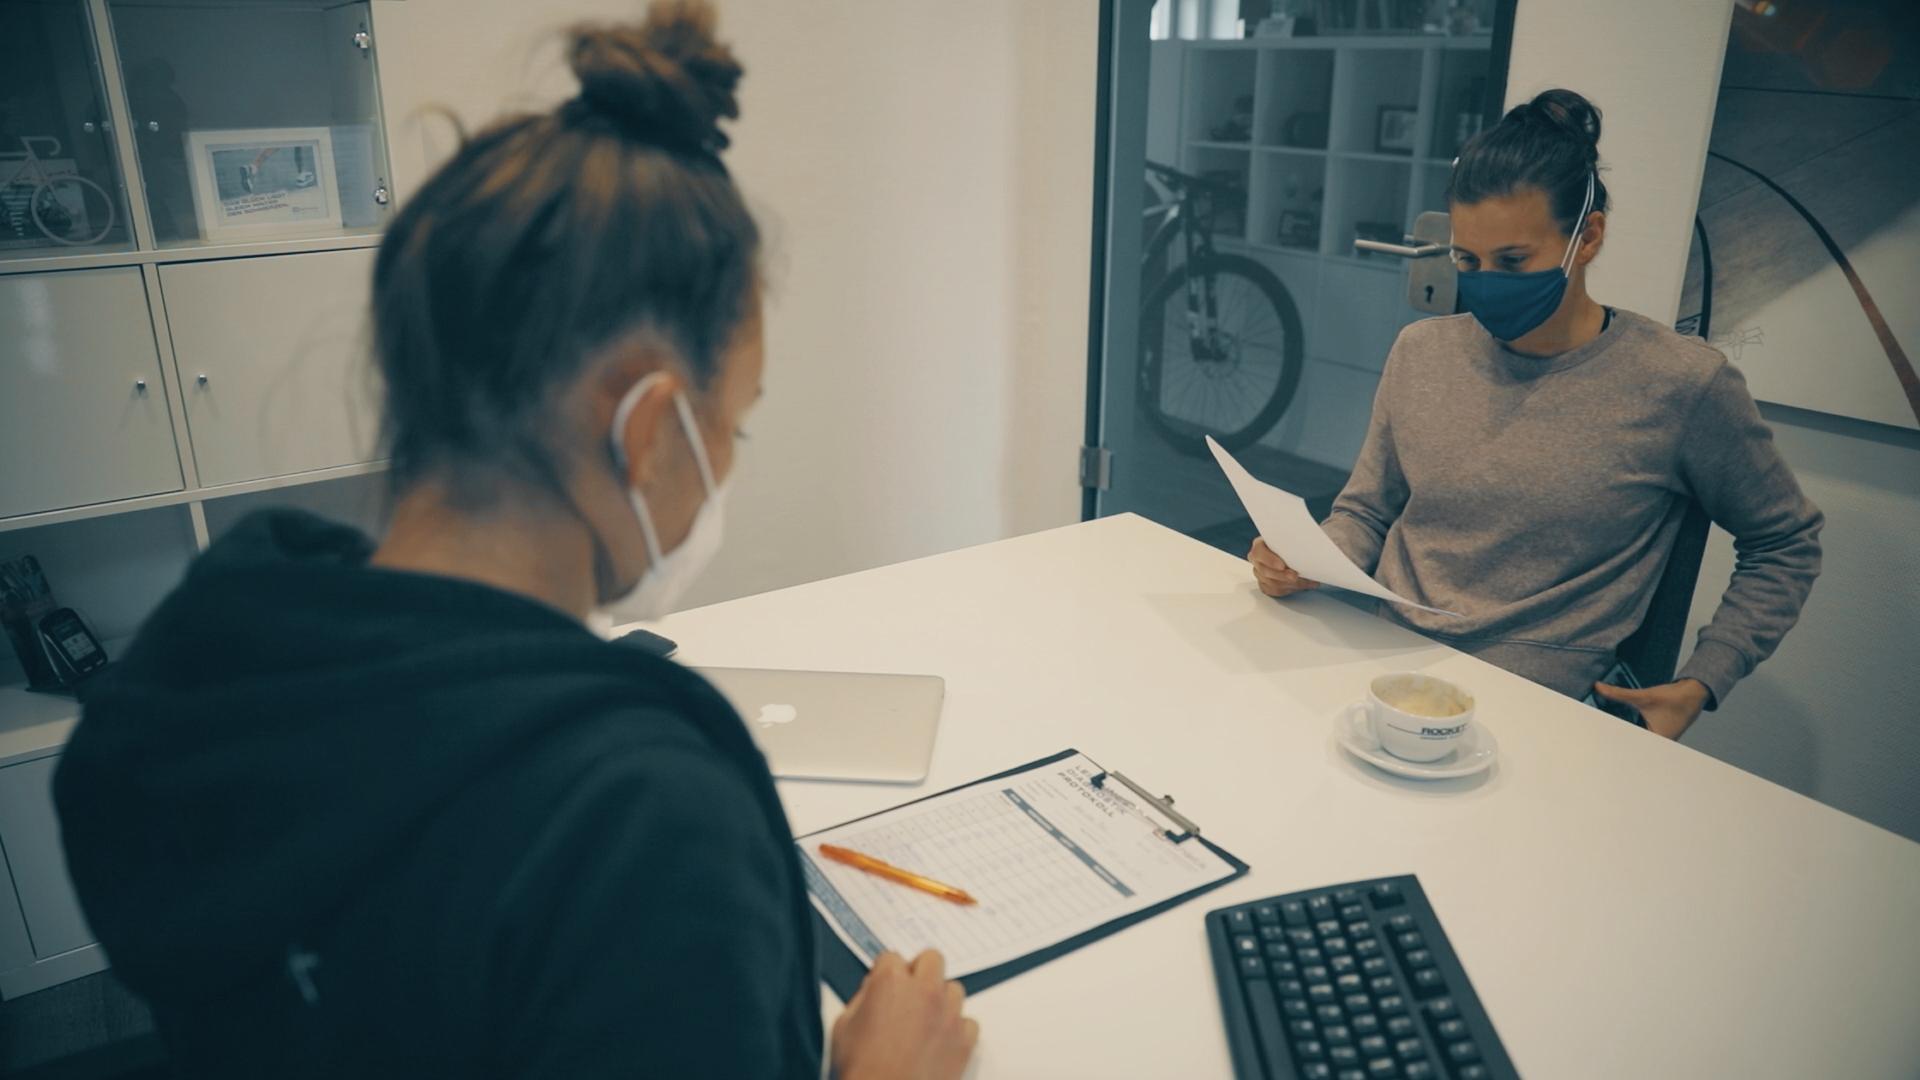 Besprechung der Ergebnisse mit ihrer Diagnostikerin und Trainerin Laura-Sophie Usinger (Foto: Onehandfilm)